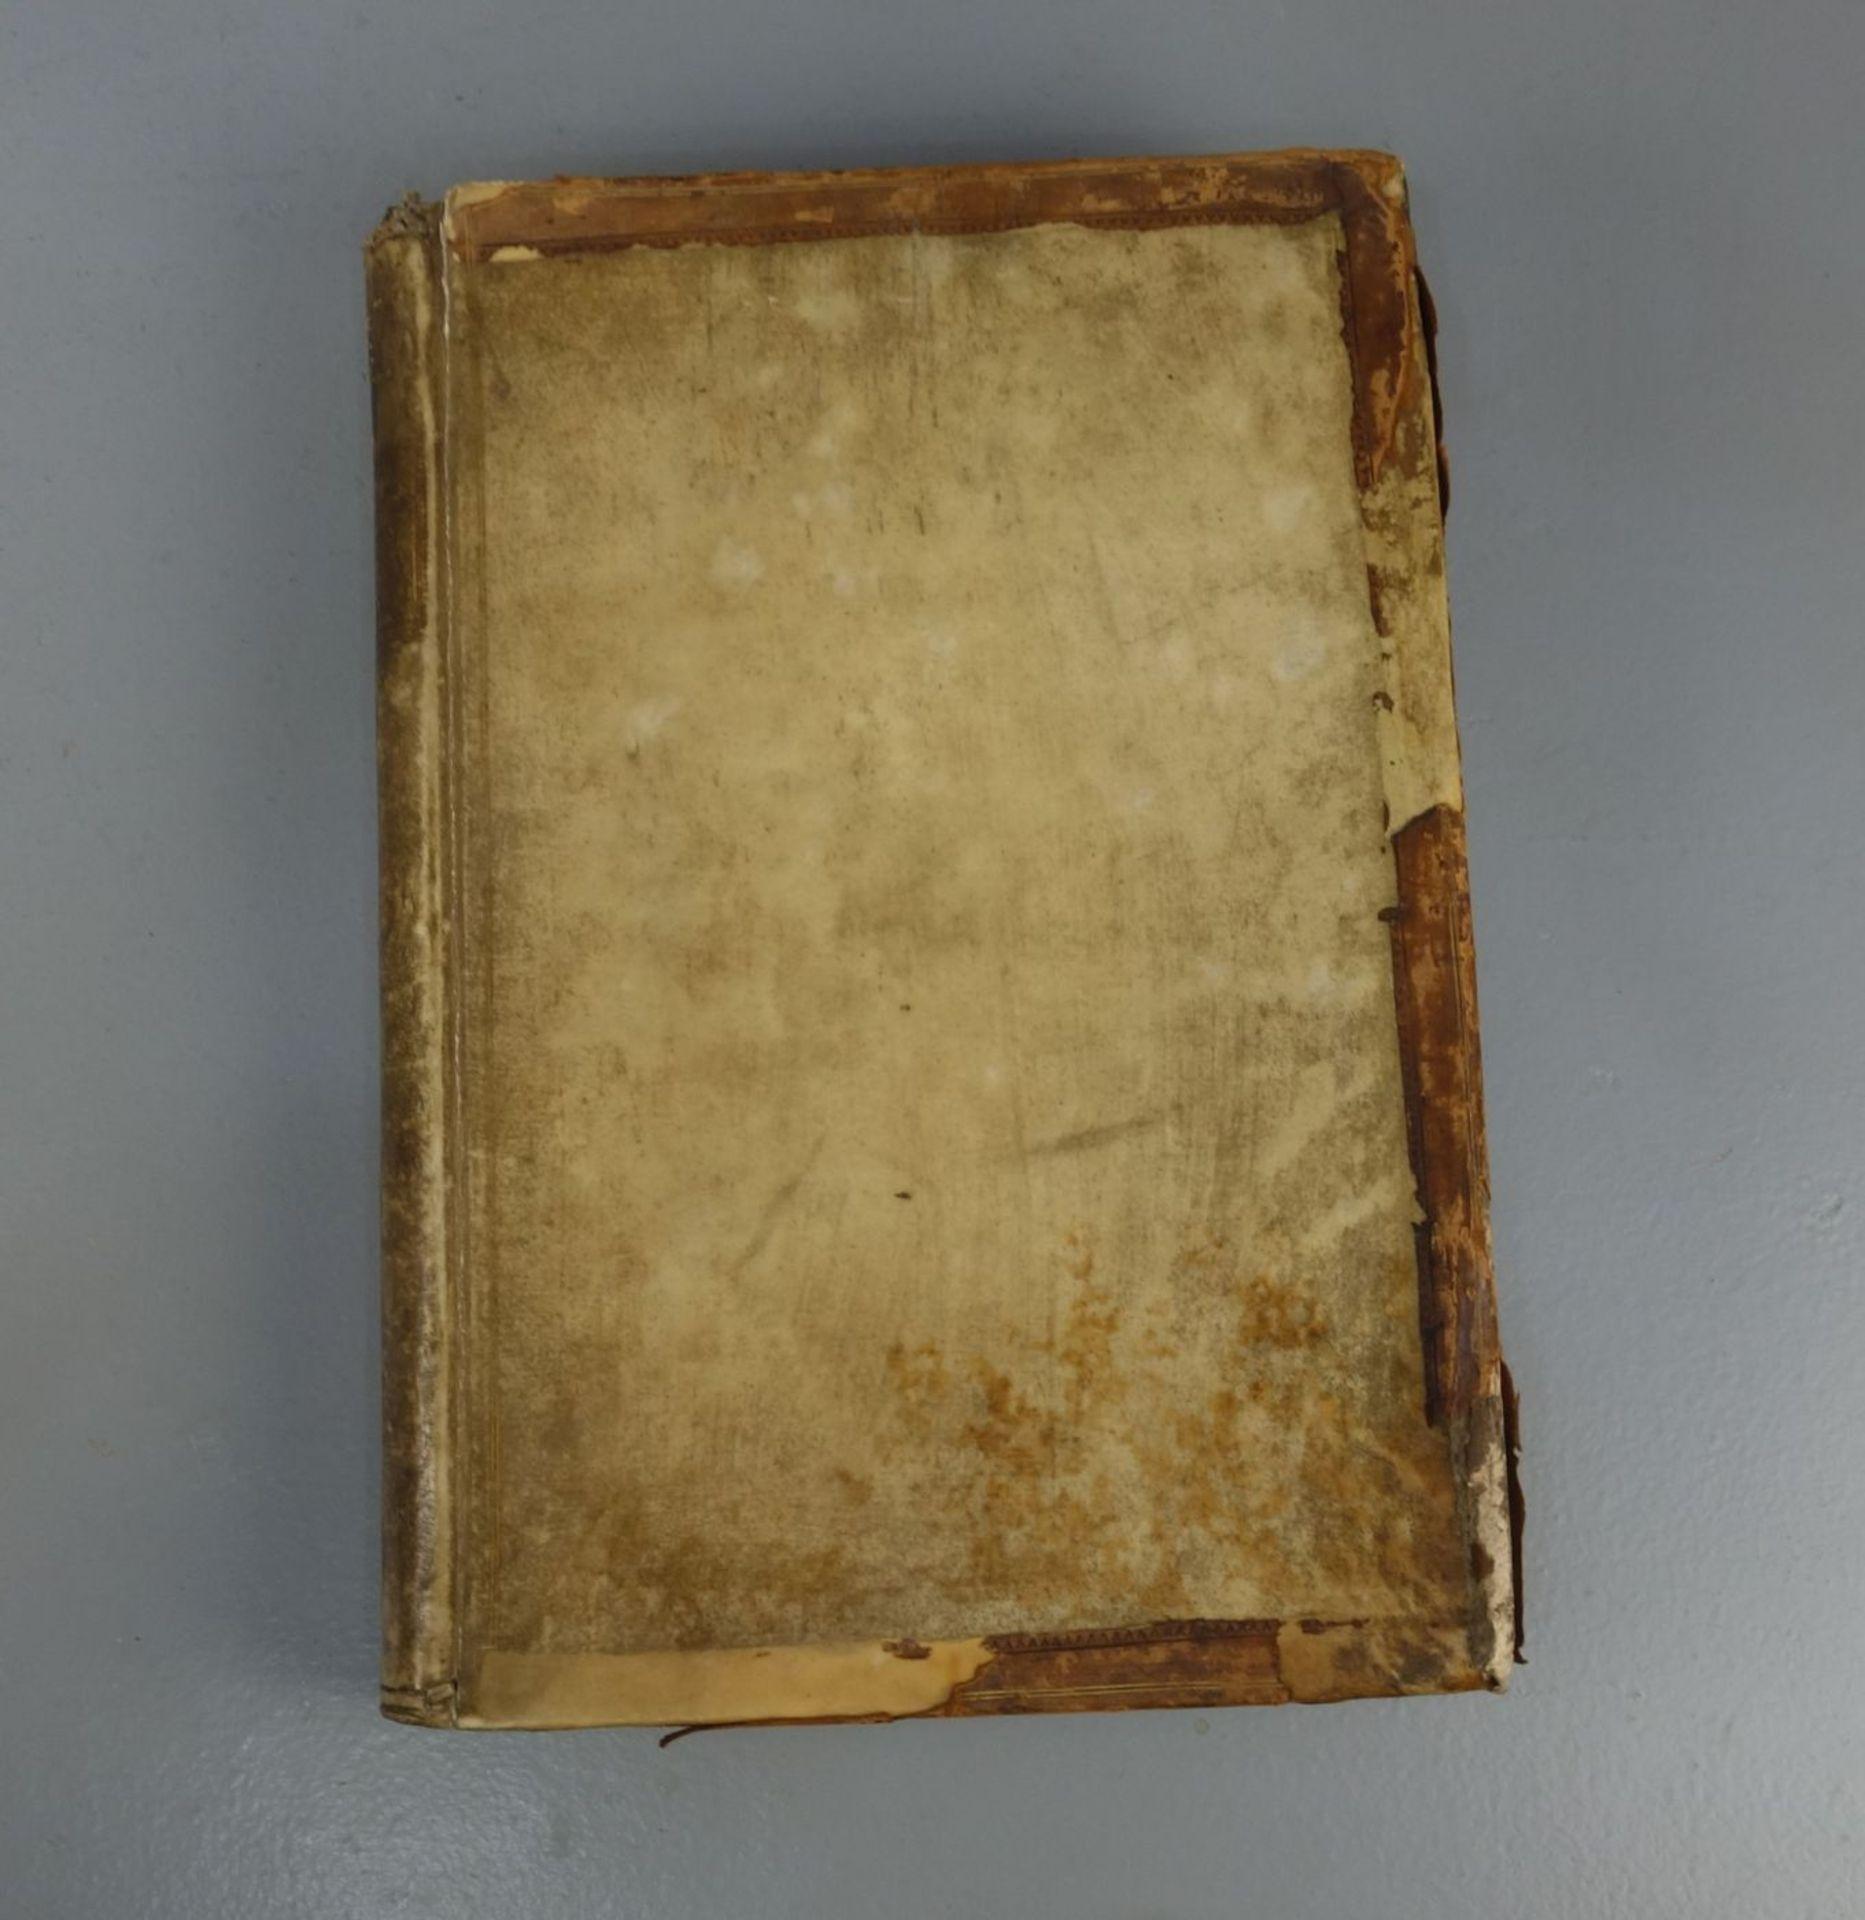 BUCH VON 1707 - Image 2 of 5